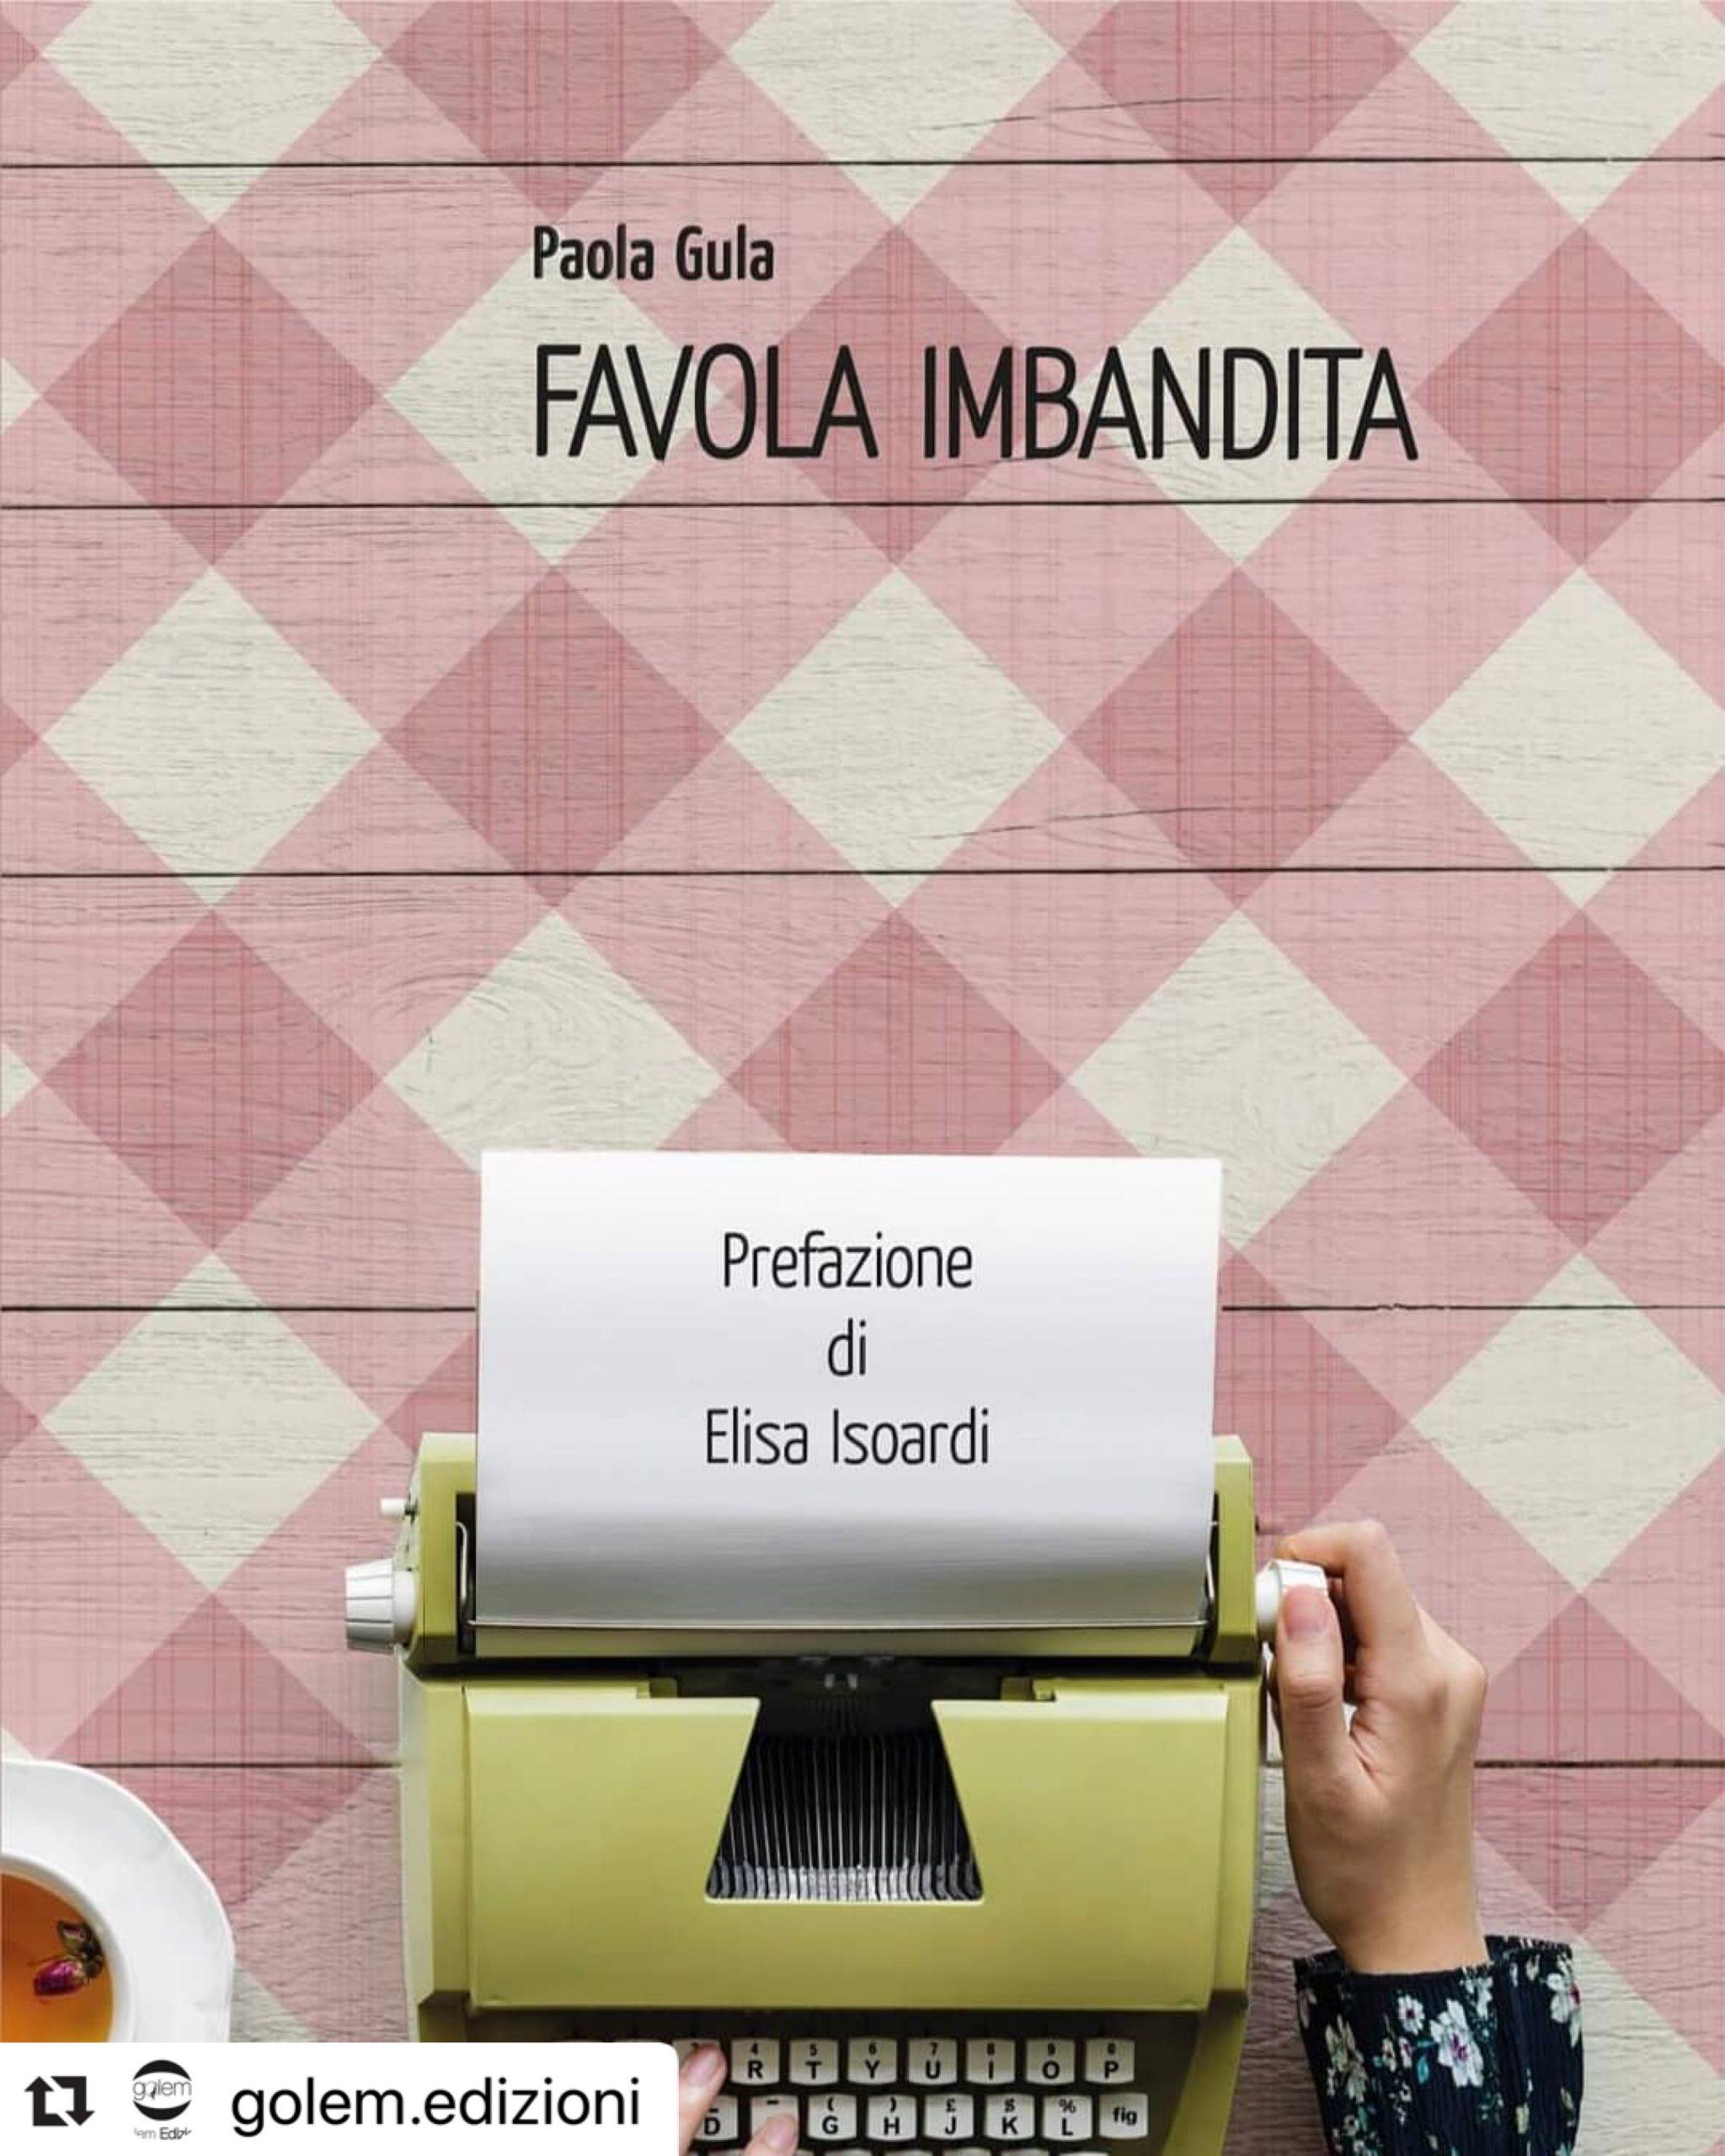 Copertina Favola Imbandita di Paola Gula